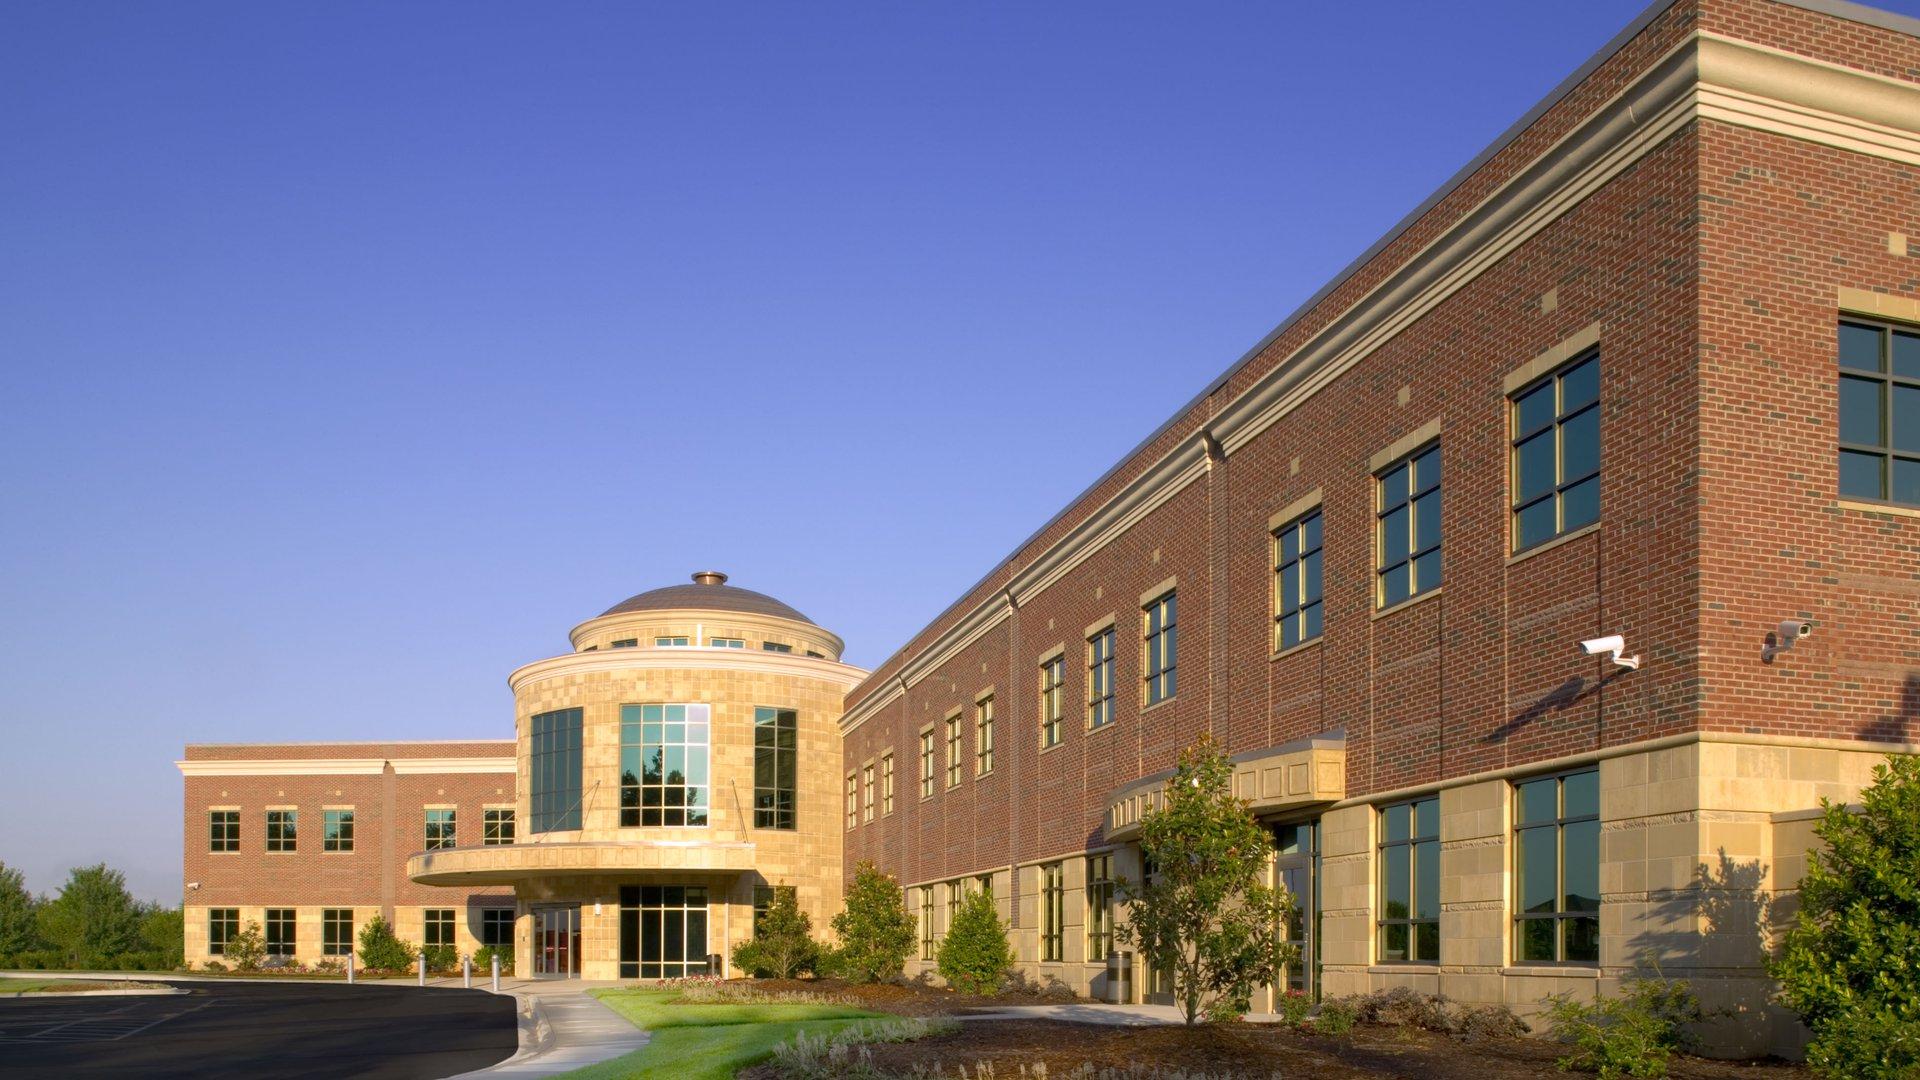 Rosedale Medical Center, outside